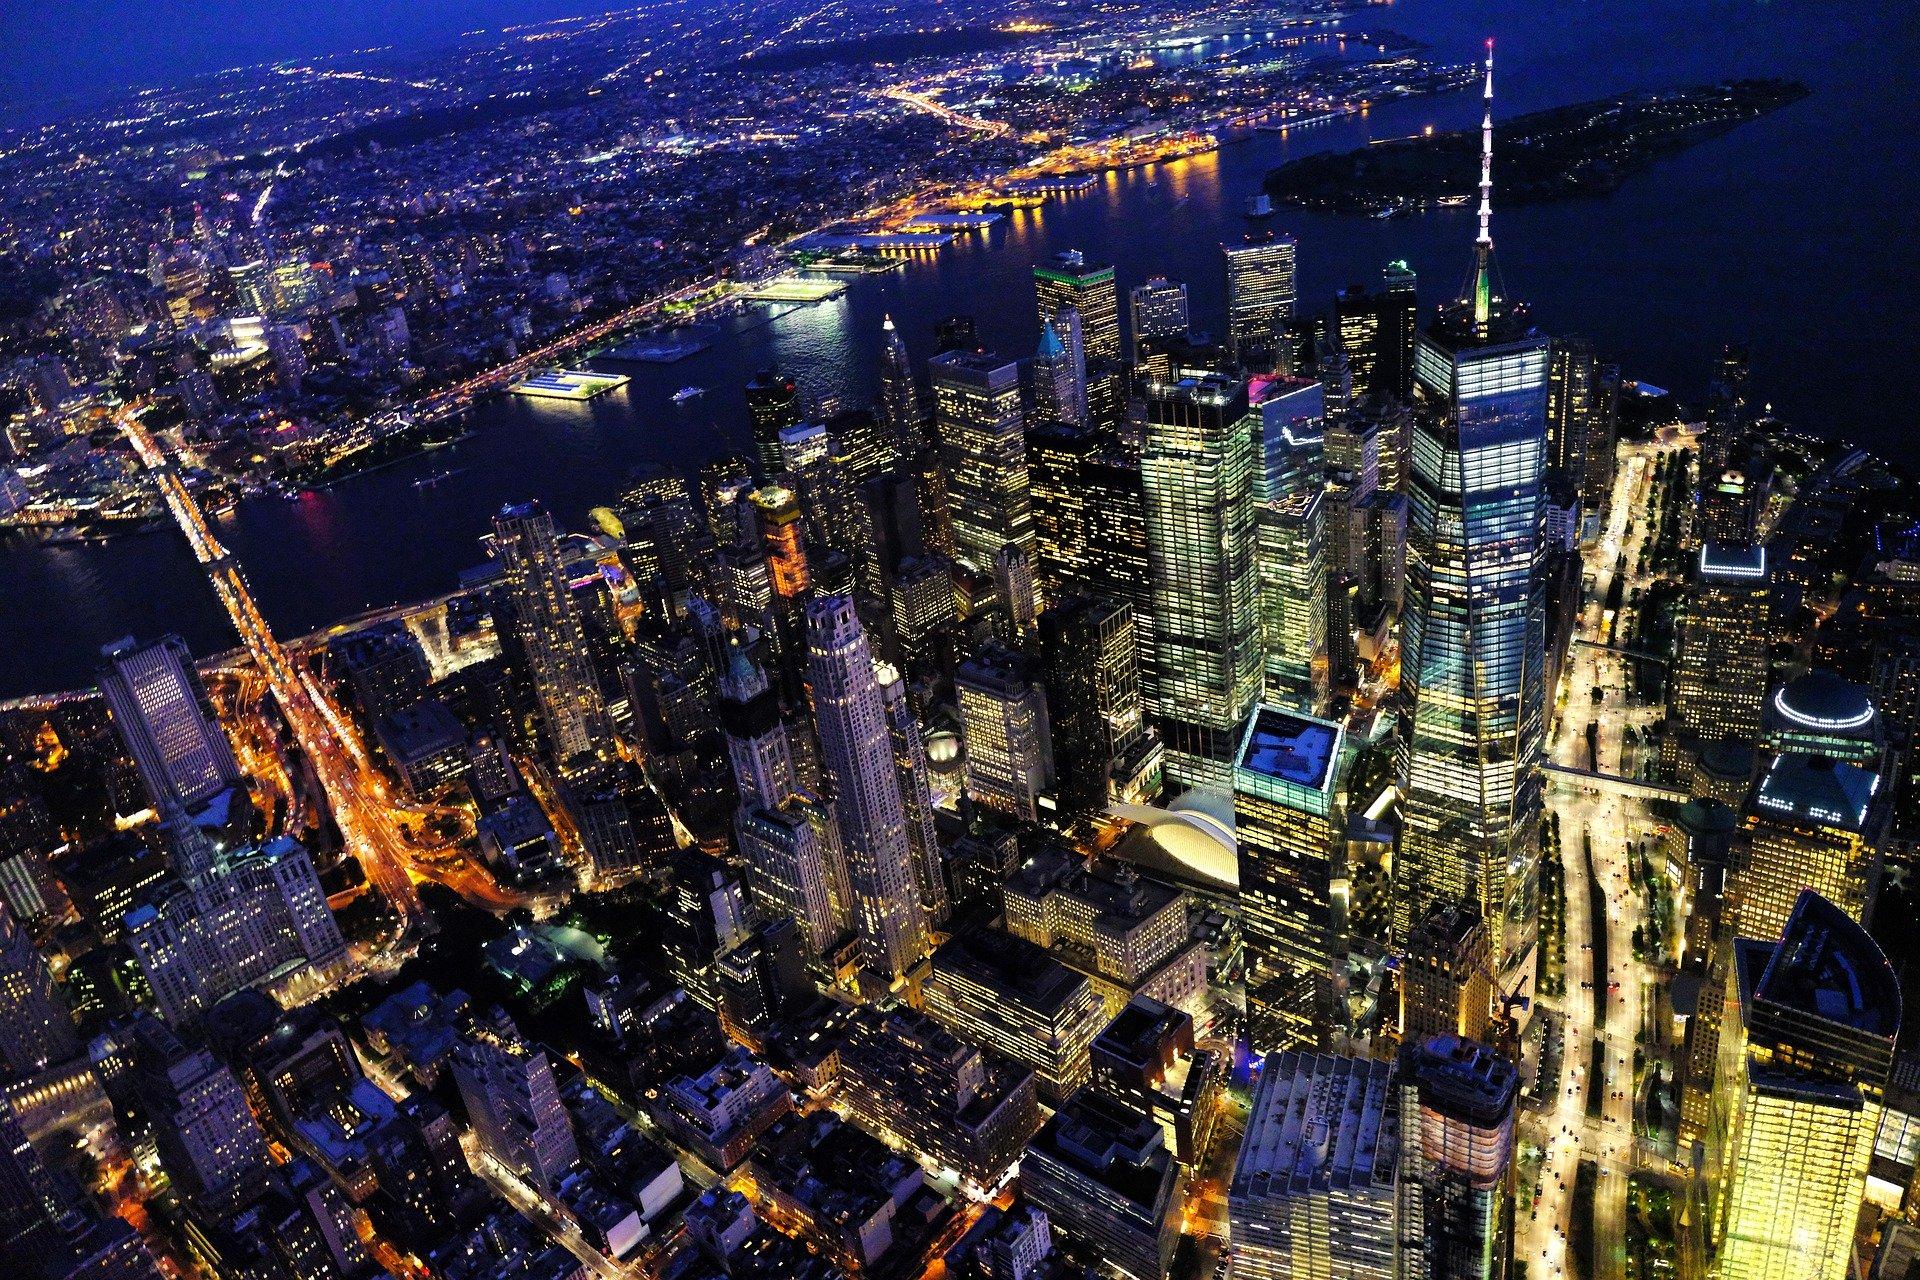 Nueva York, un escenario emocionante